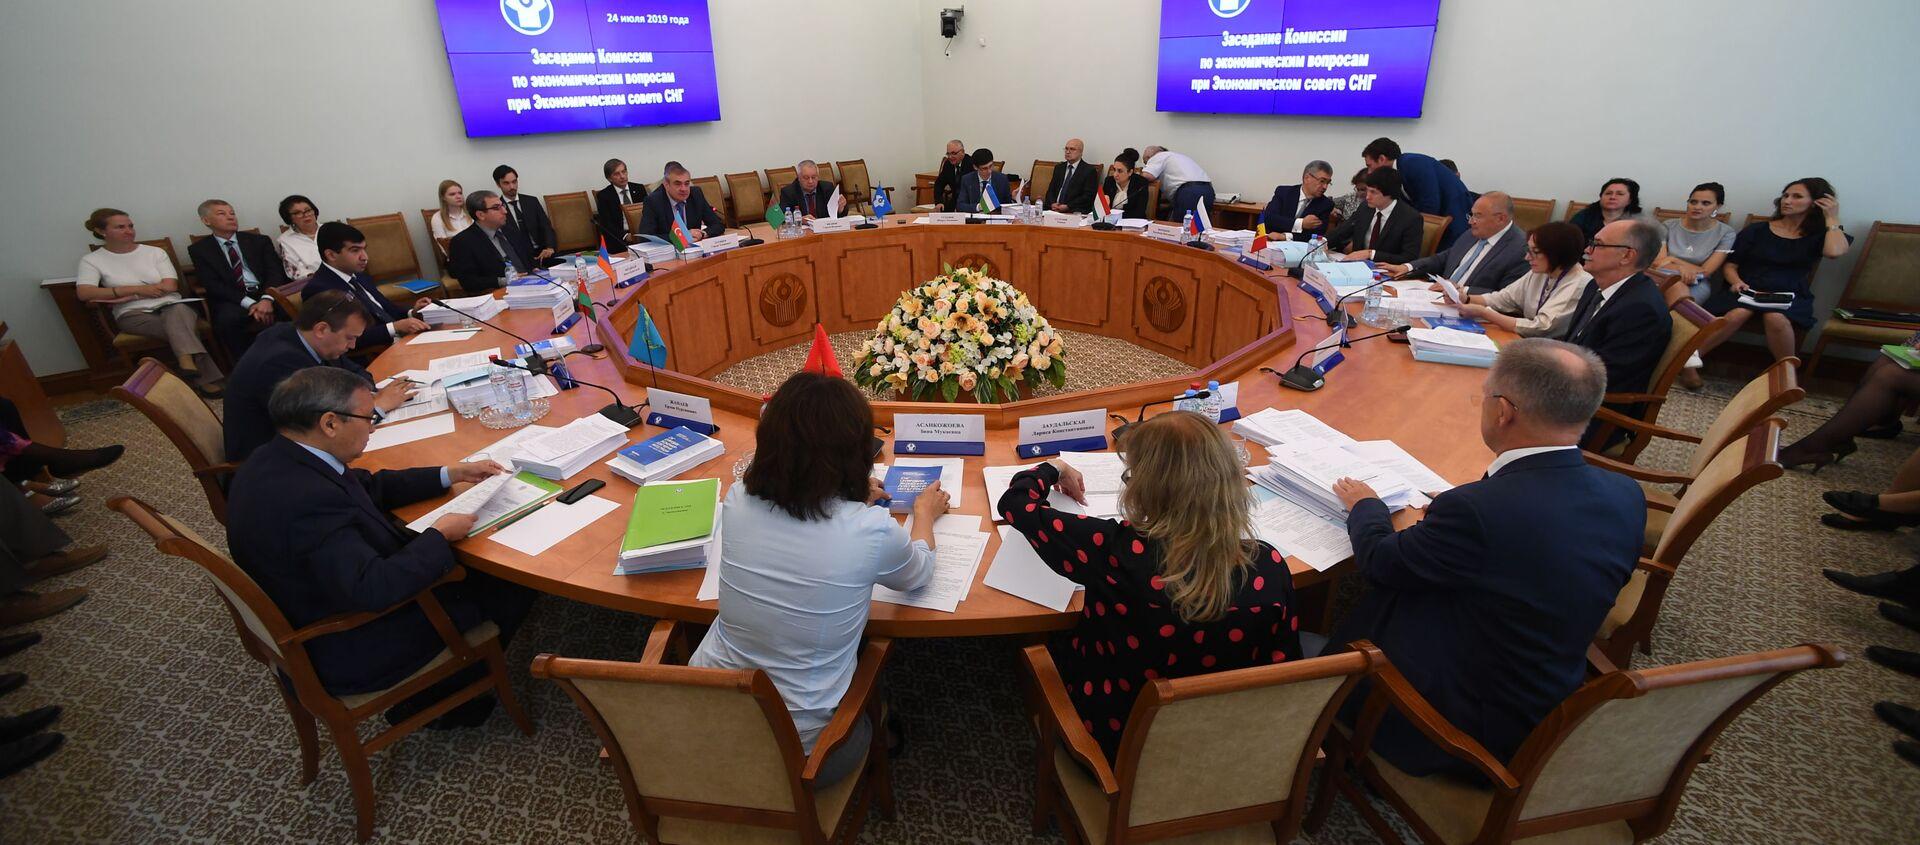 Заседание Комиссии по экономвопросам при Экономическом совете СНГ - Sputnik Азербайджан, 1920, 30.07.2019